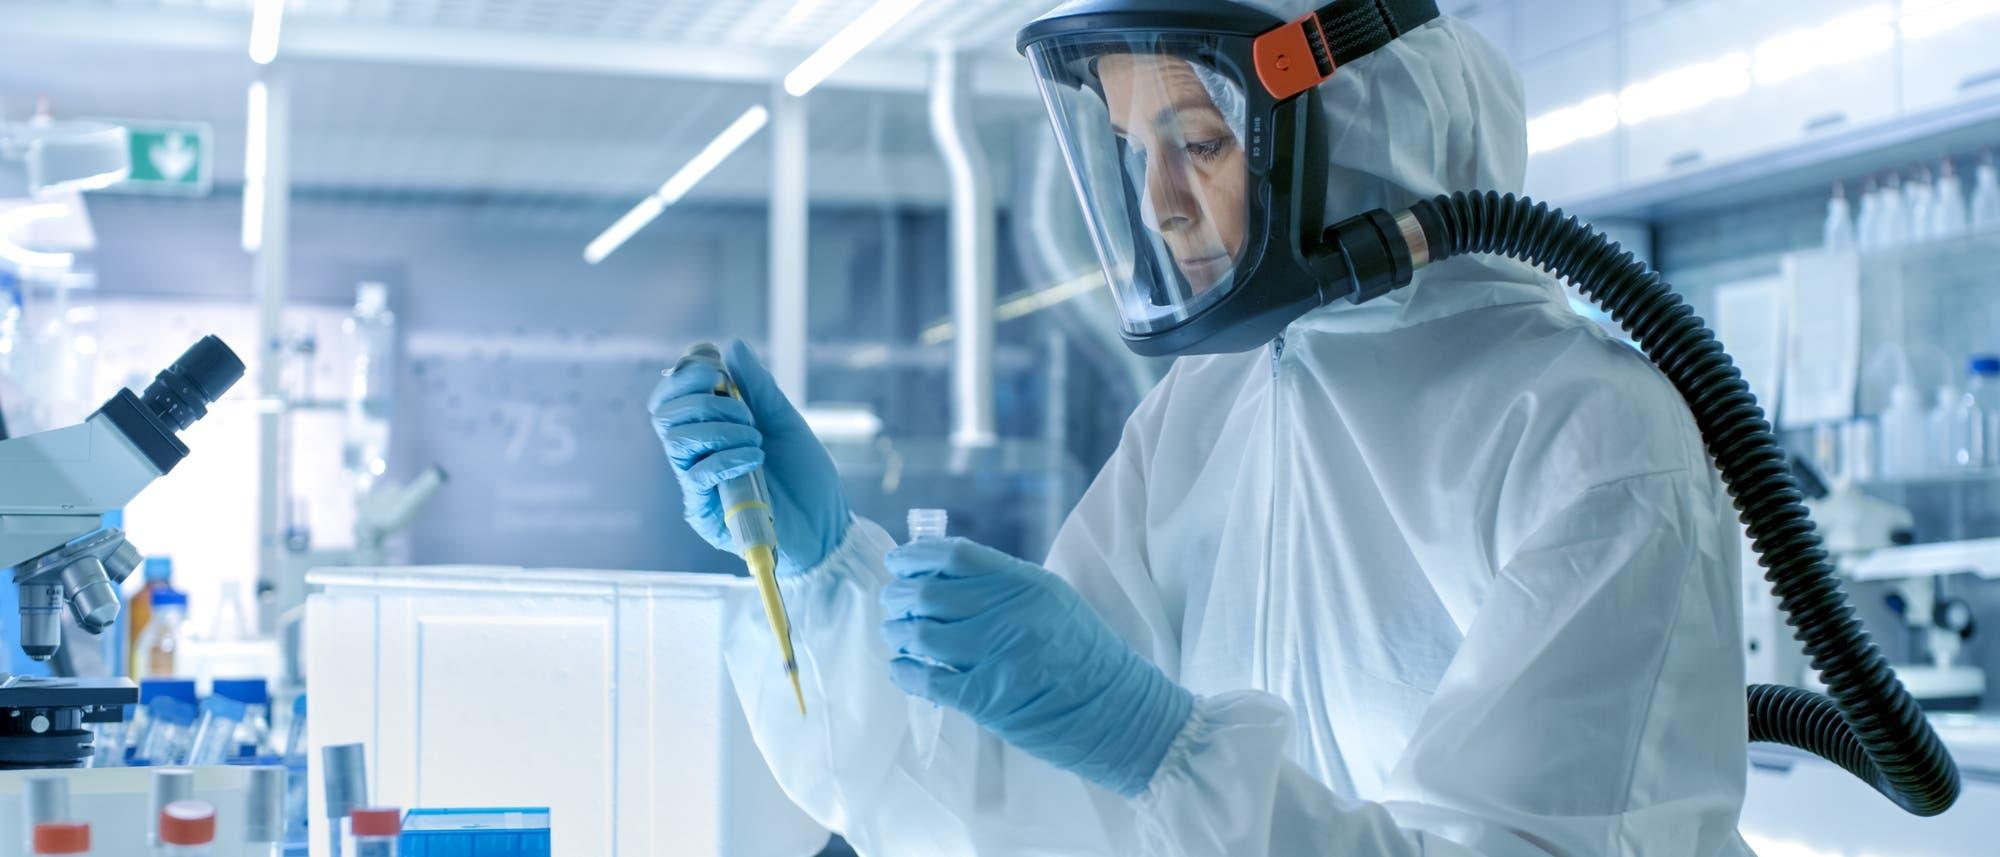 Eine Frau mit Schutzausrüstung im Labor